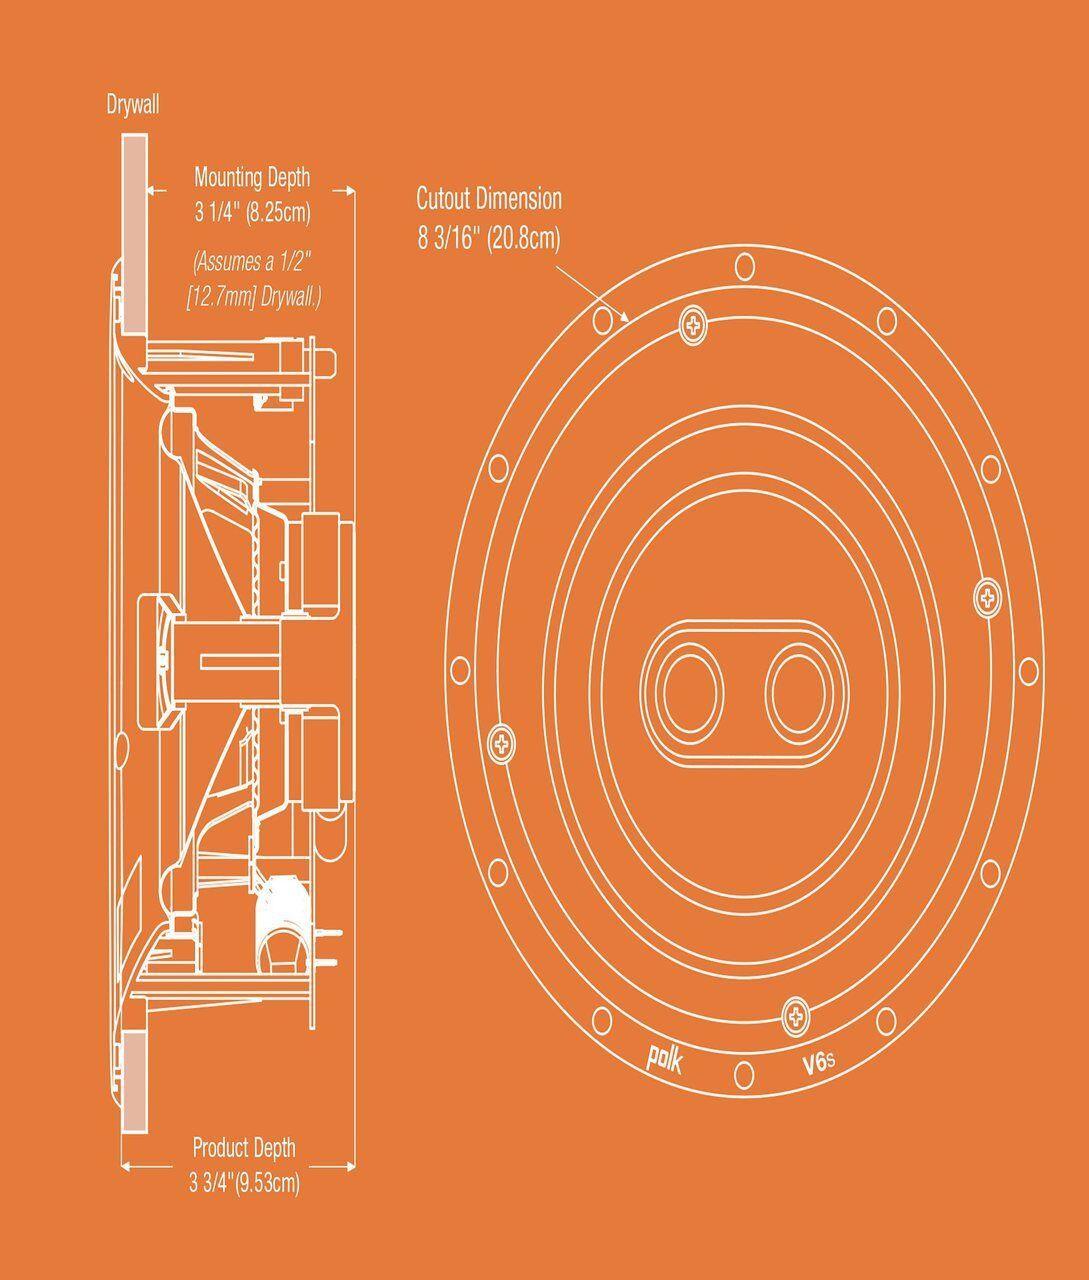 Polk V6s Wafer Thin Sheer Grill Vanishing Single Stereo In